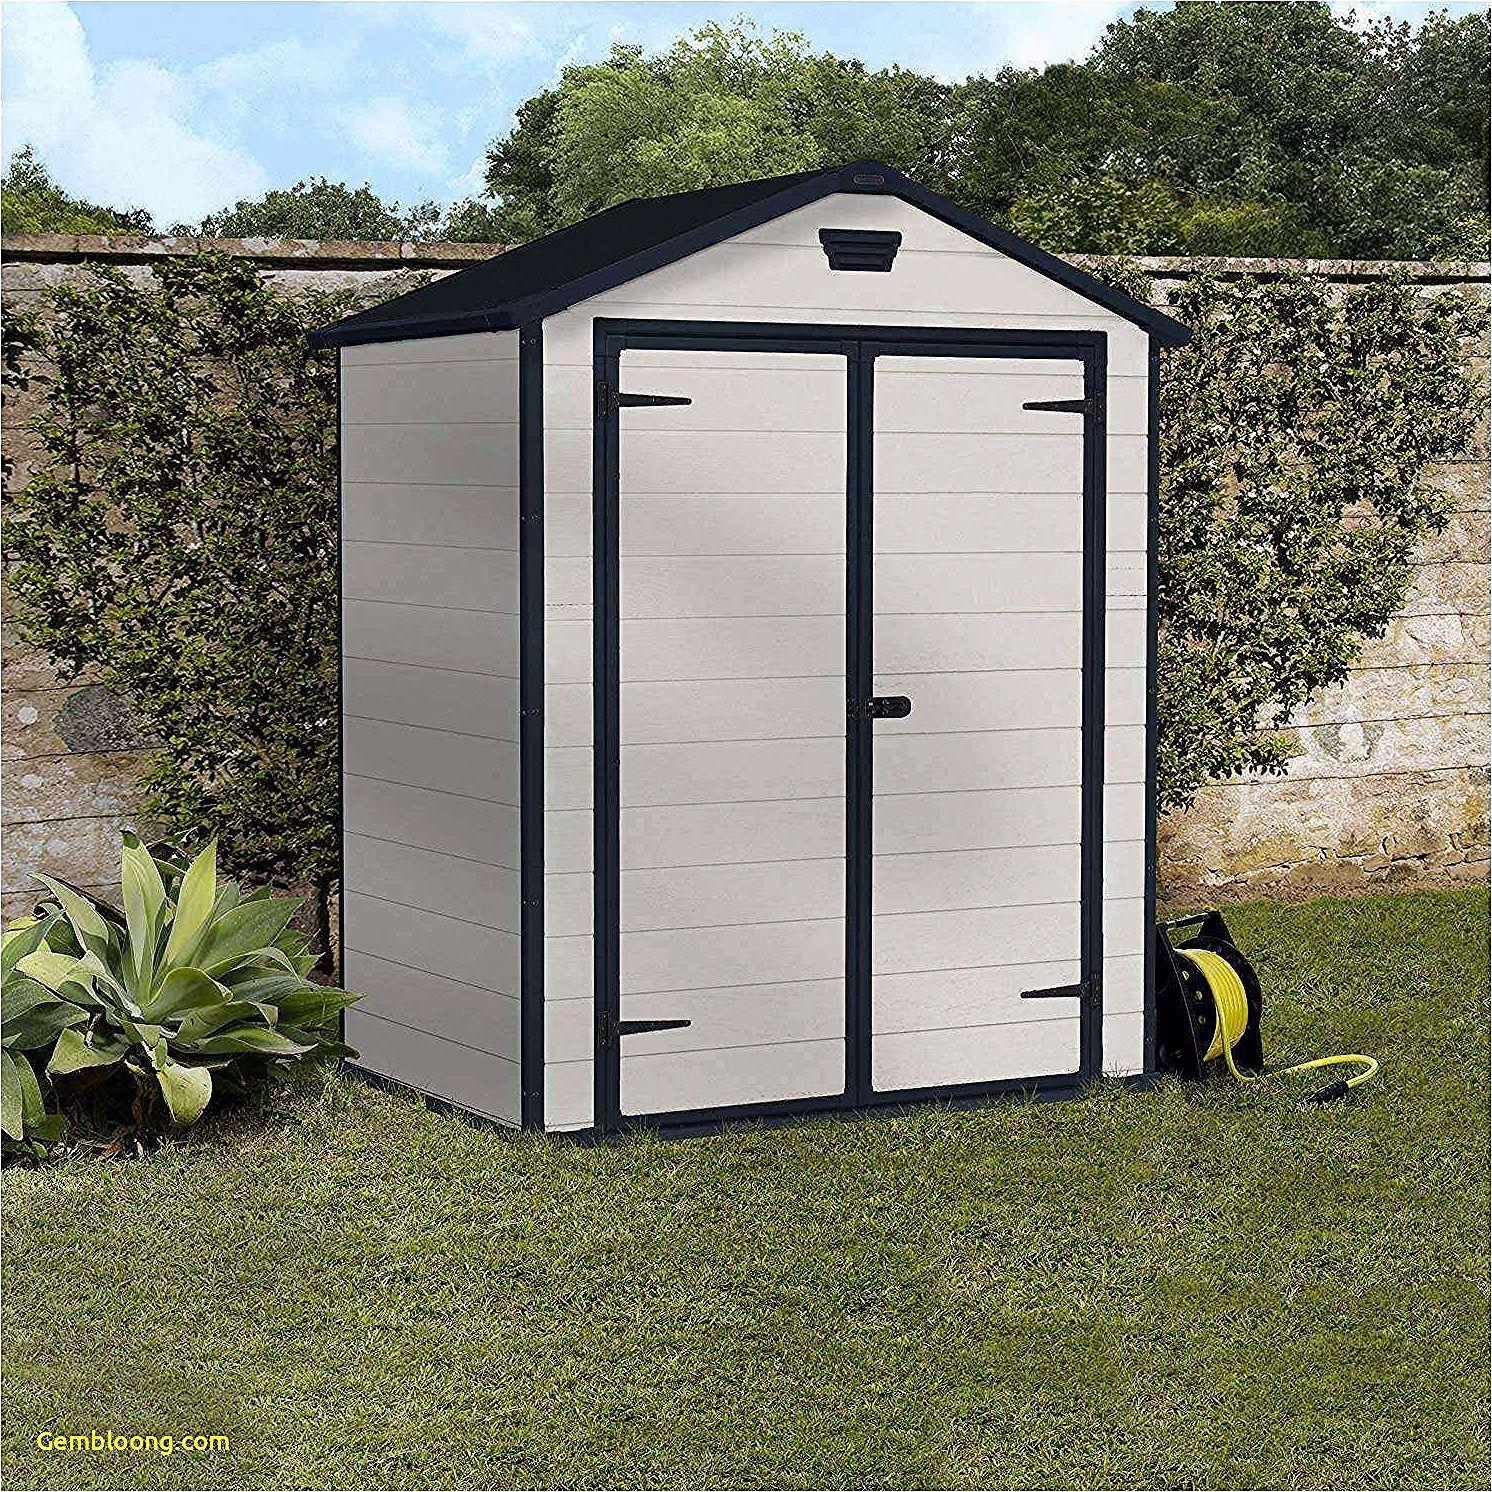 17 Fresh Abri De Jardin 10m2 In 2020 Indoor Garden Outdoor Structures Outdoor